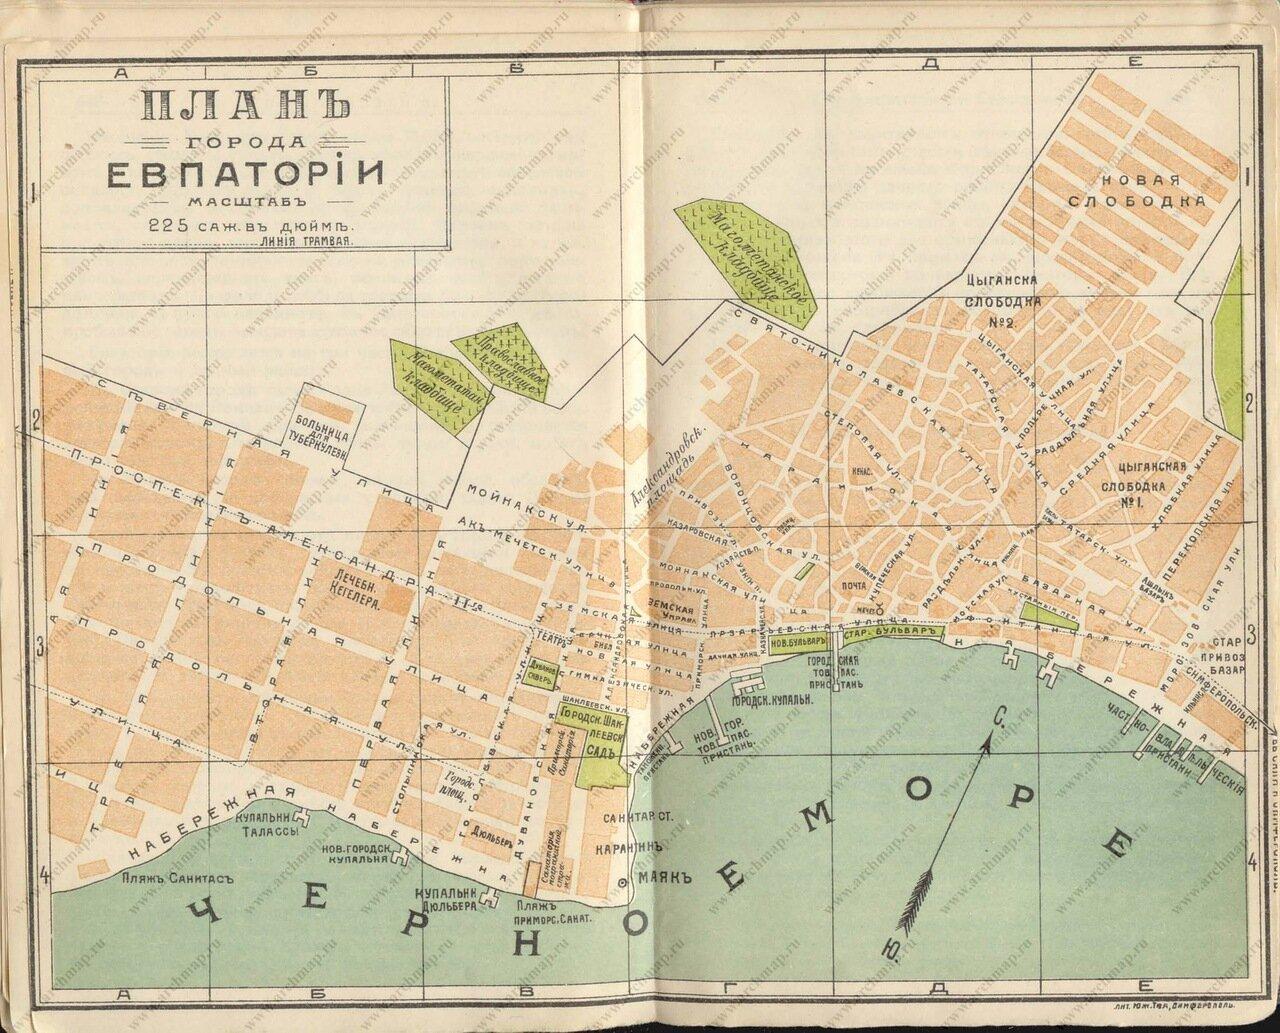 План Евпатории